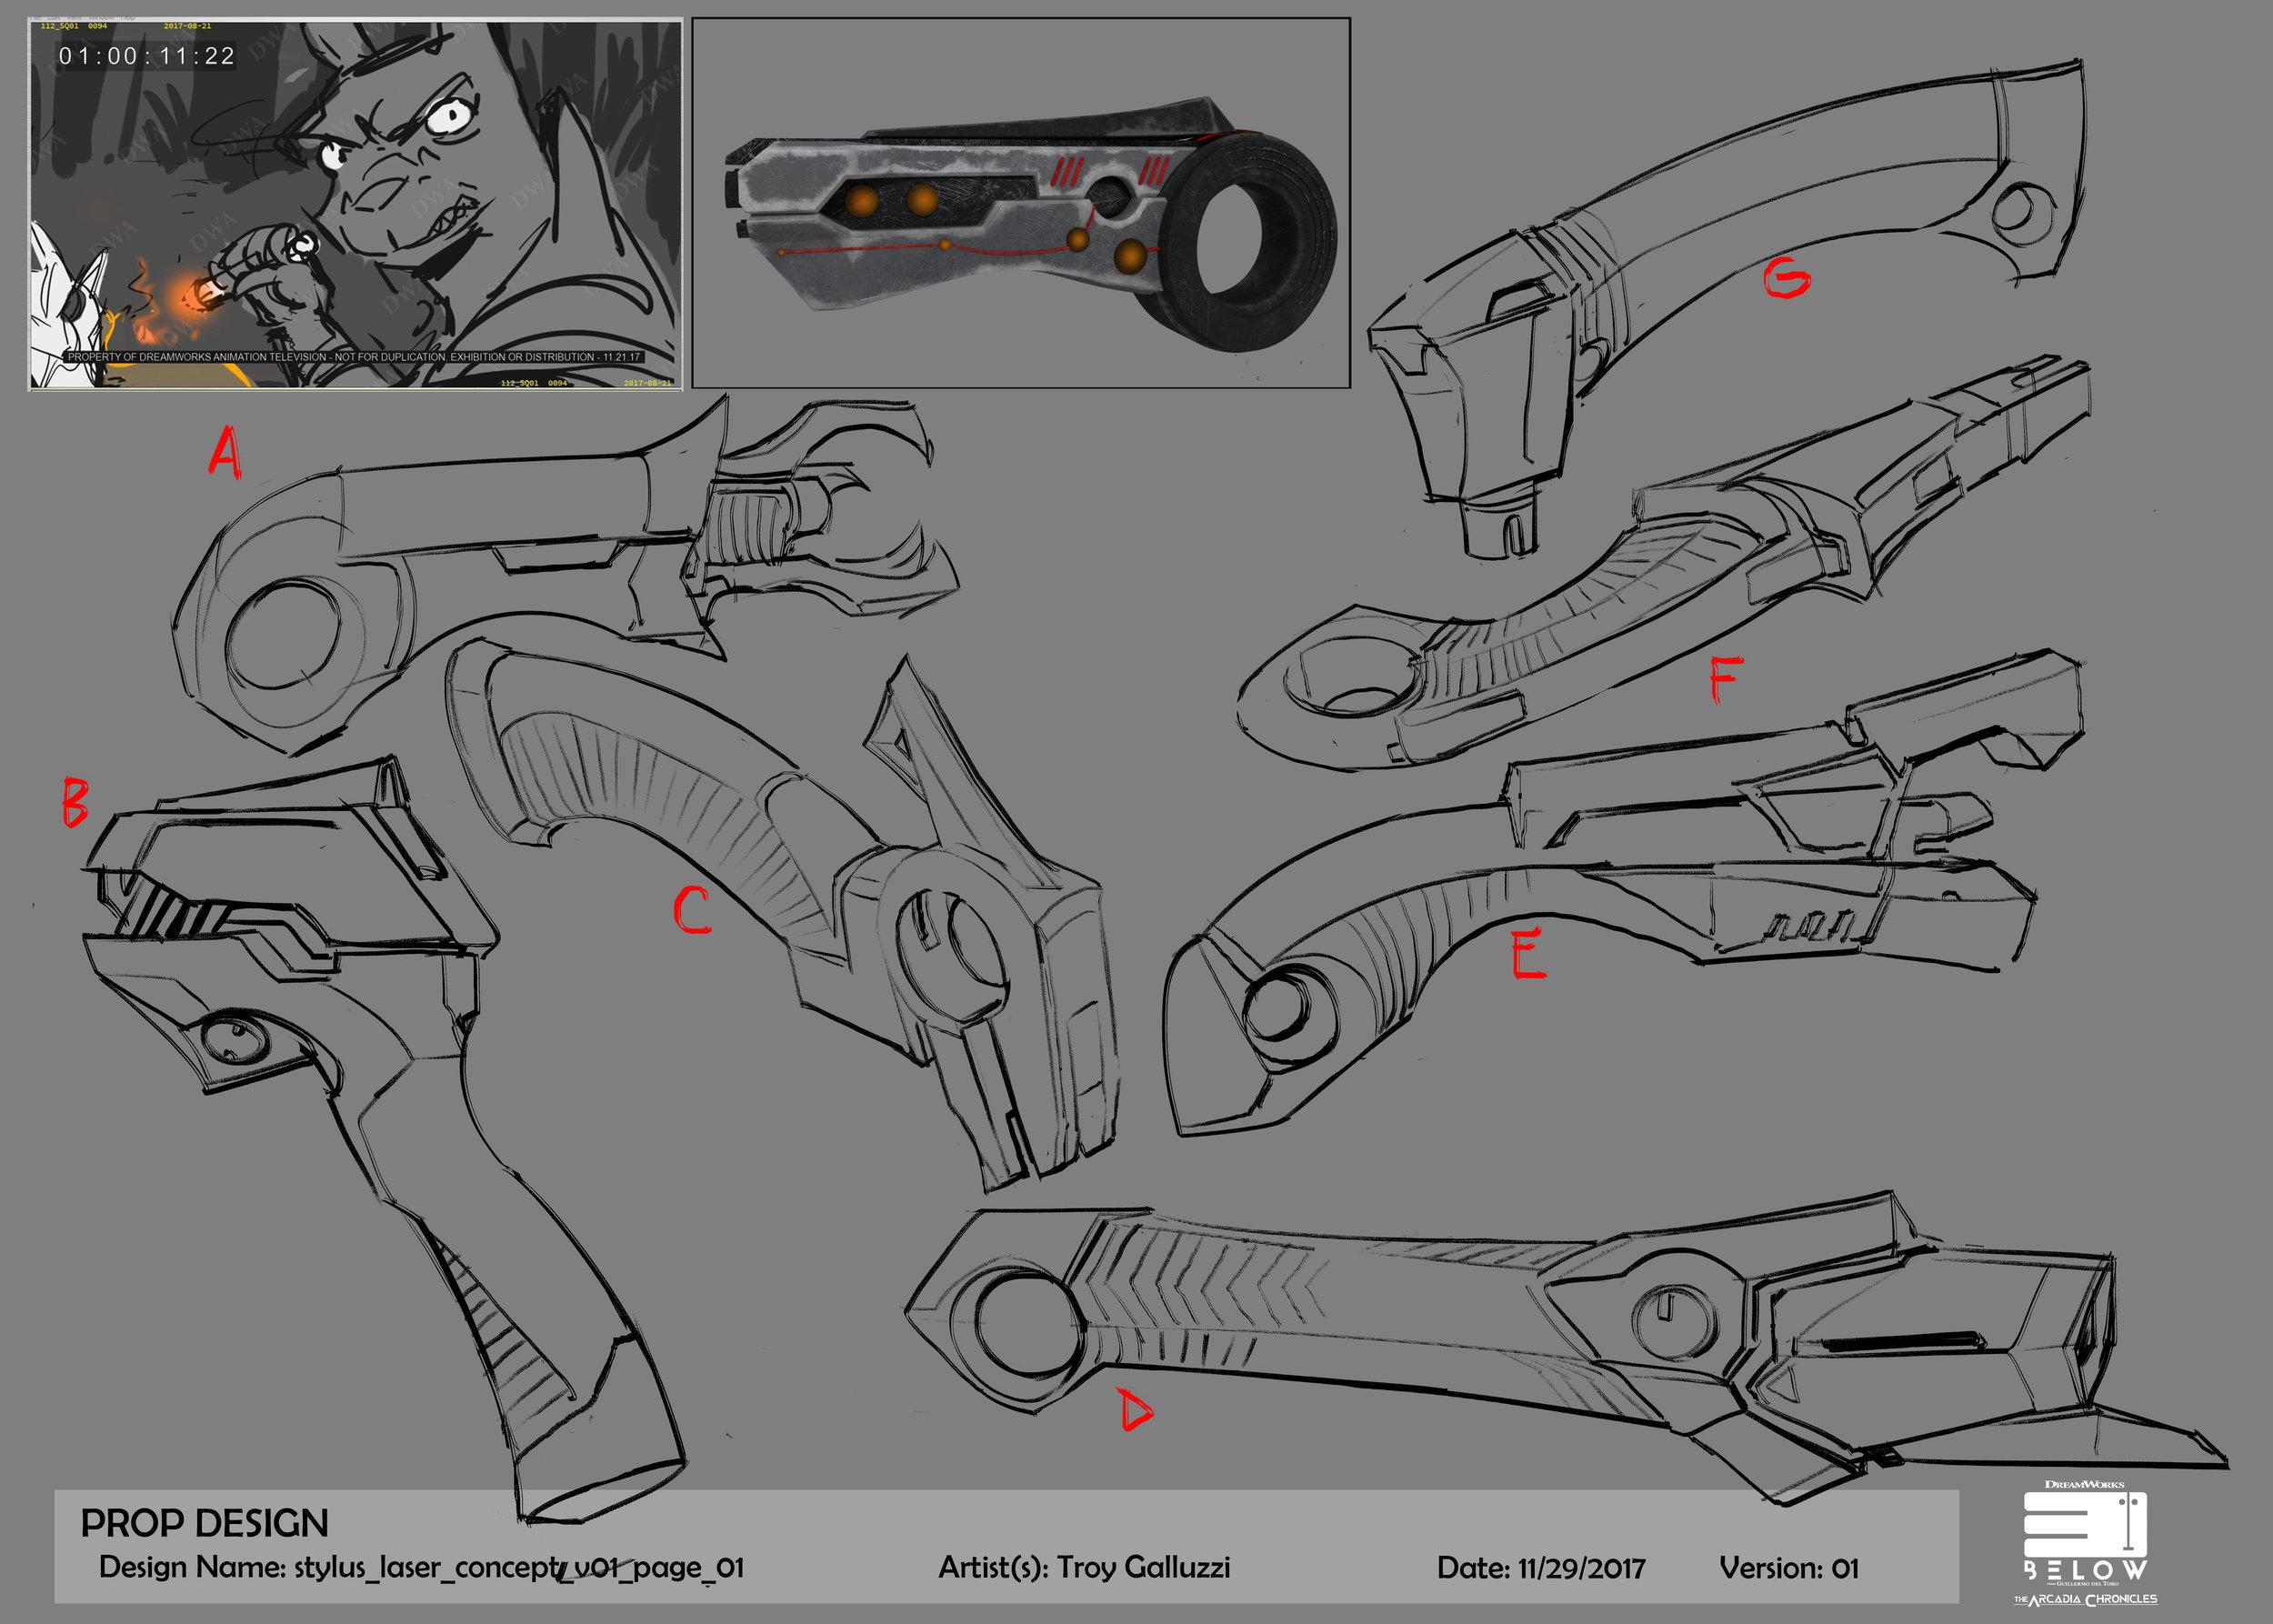 stylus_laser_concept_v01_page_01.jpg